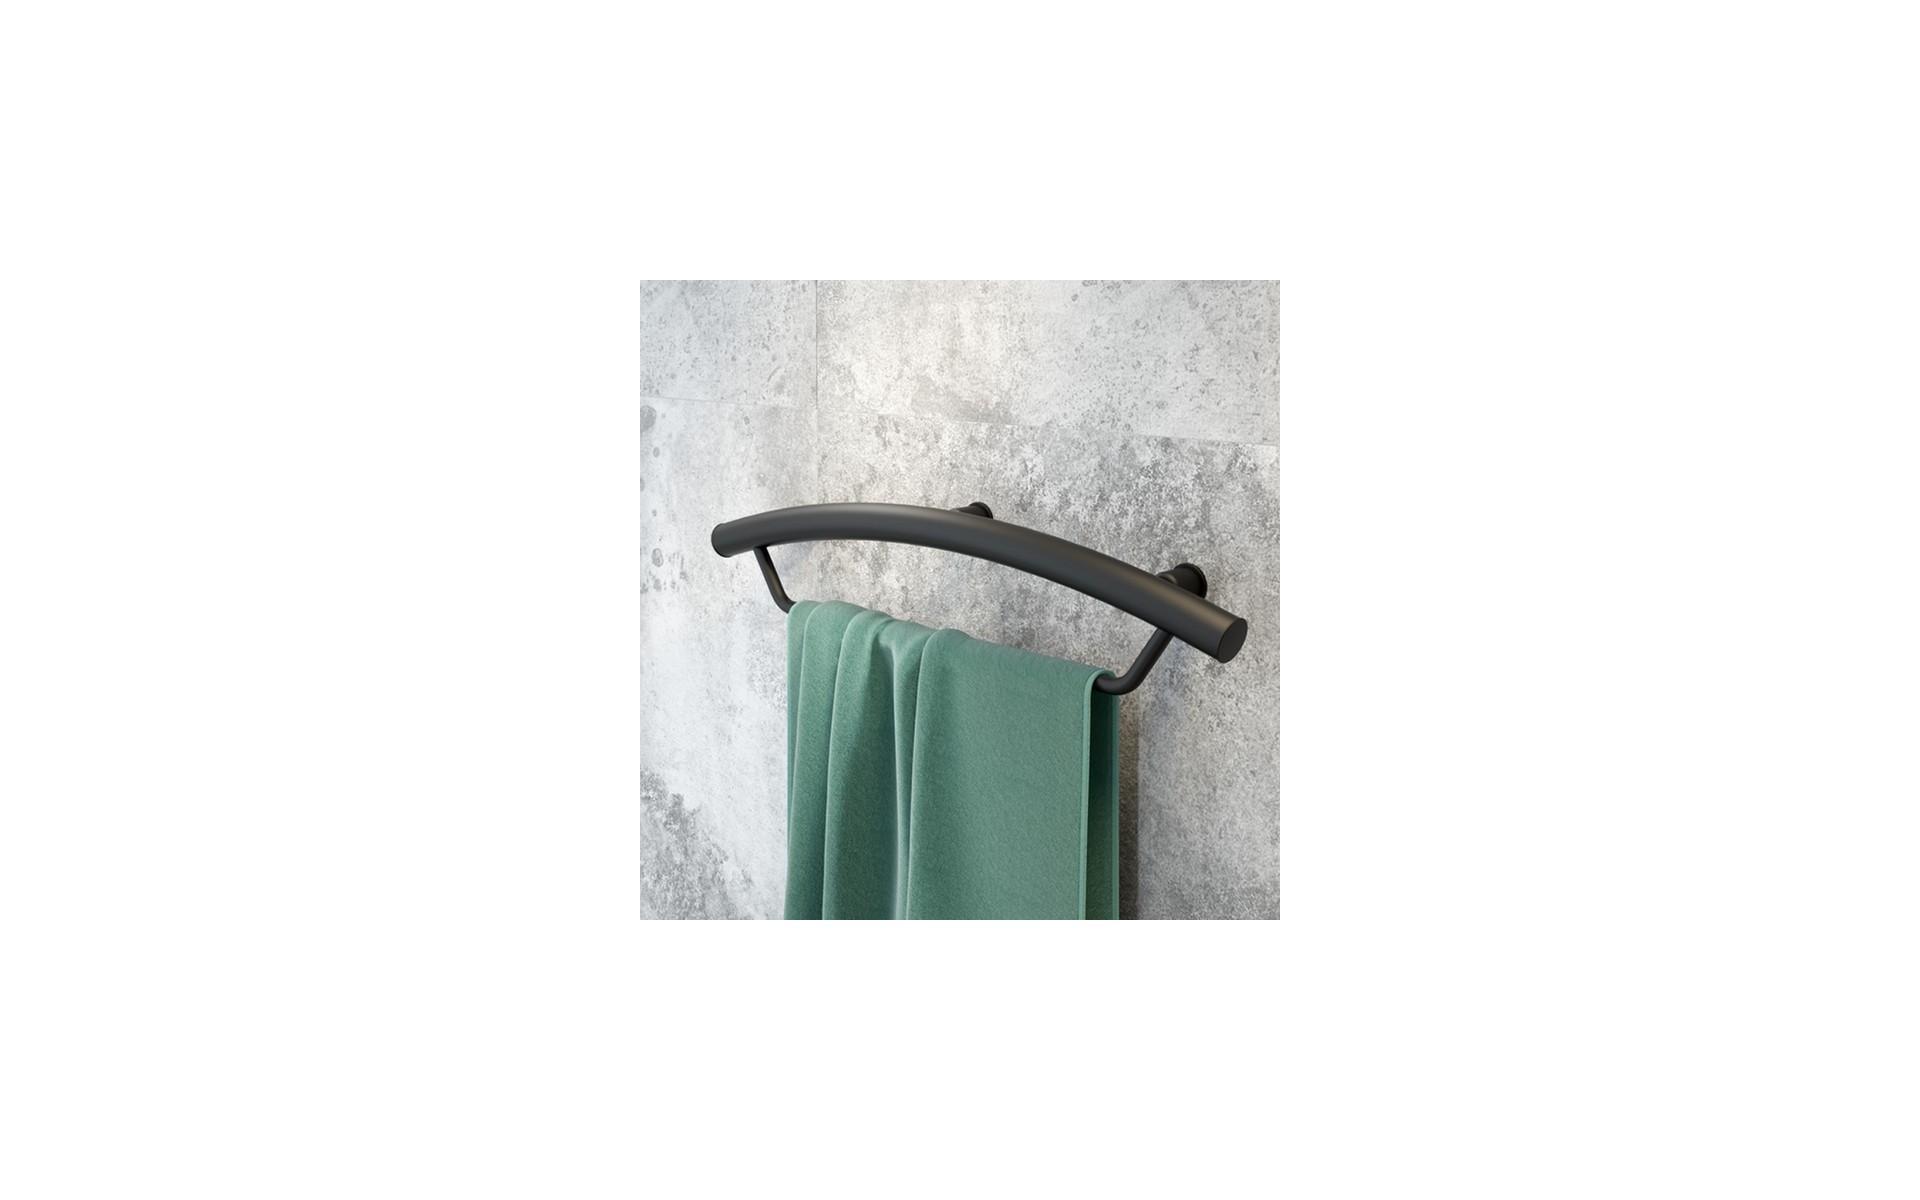 Uchwyt dla niepełnosprawnych 2 w 1 - z wieszakiem na ręcznik.